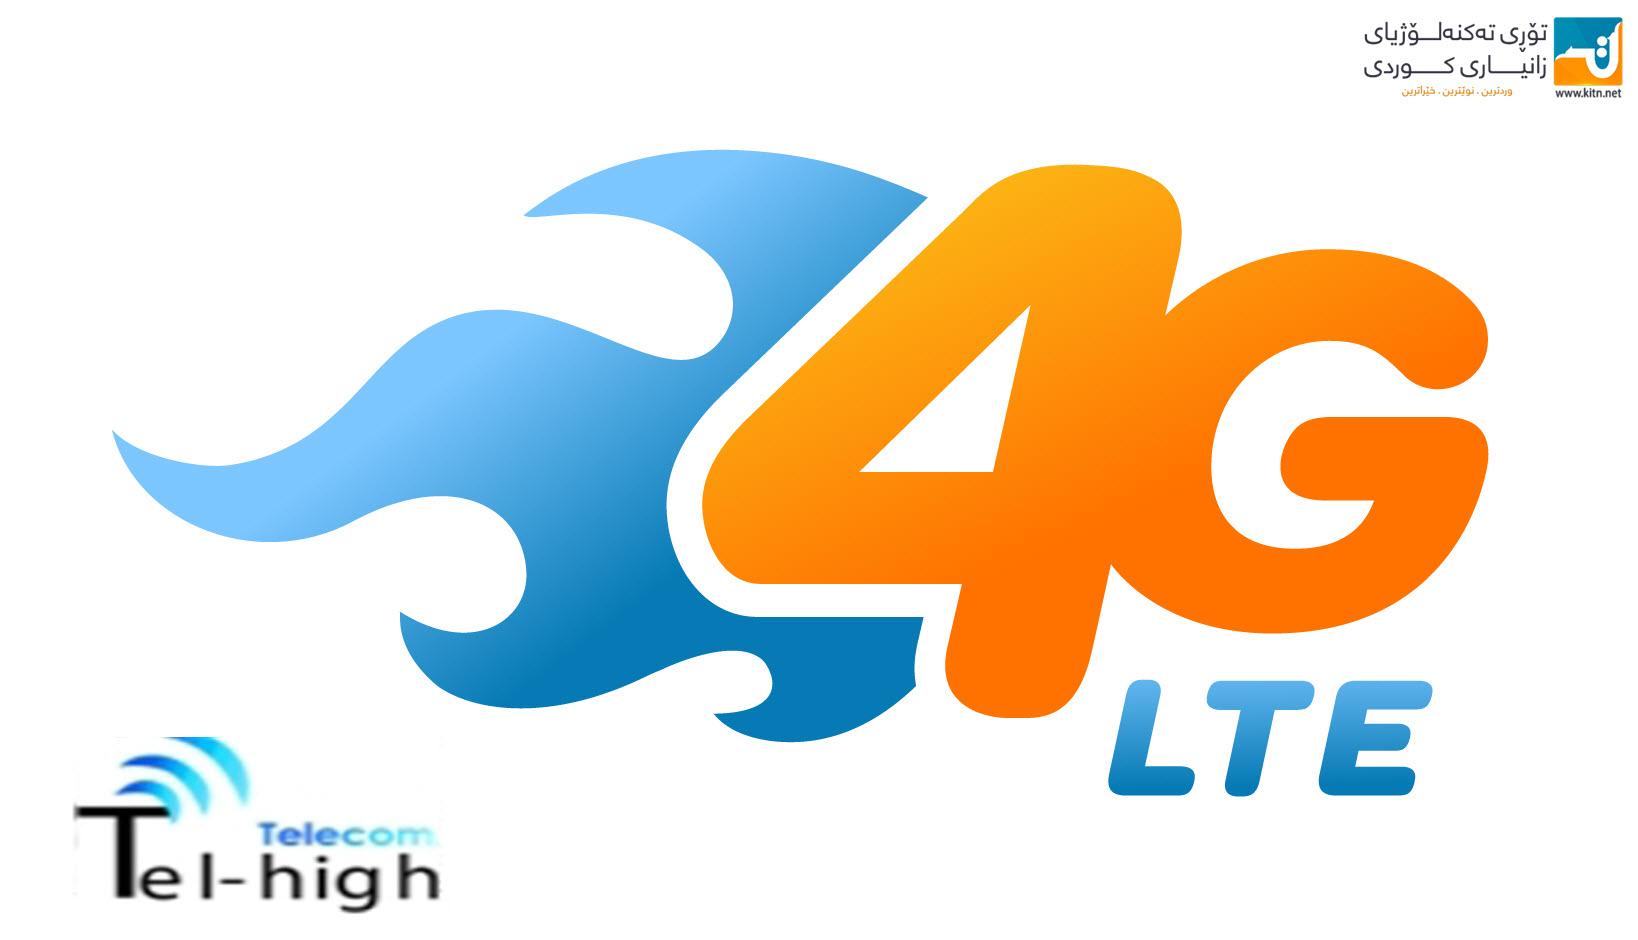 att_4g_LTE_logo